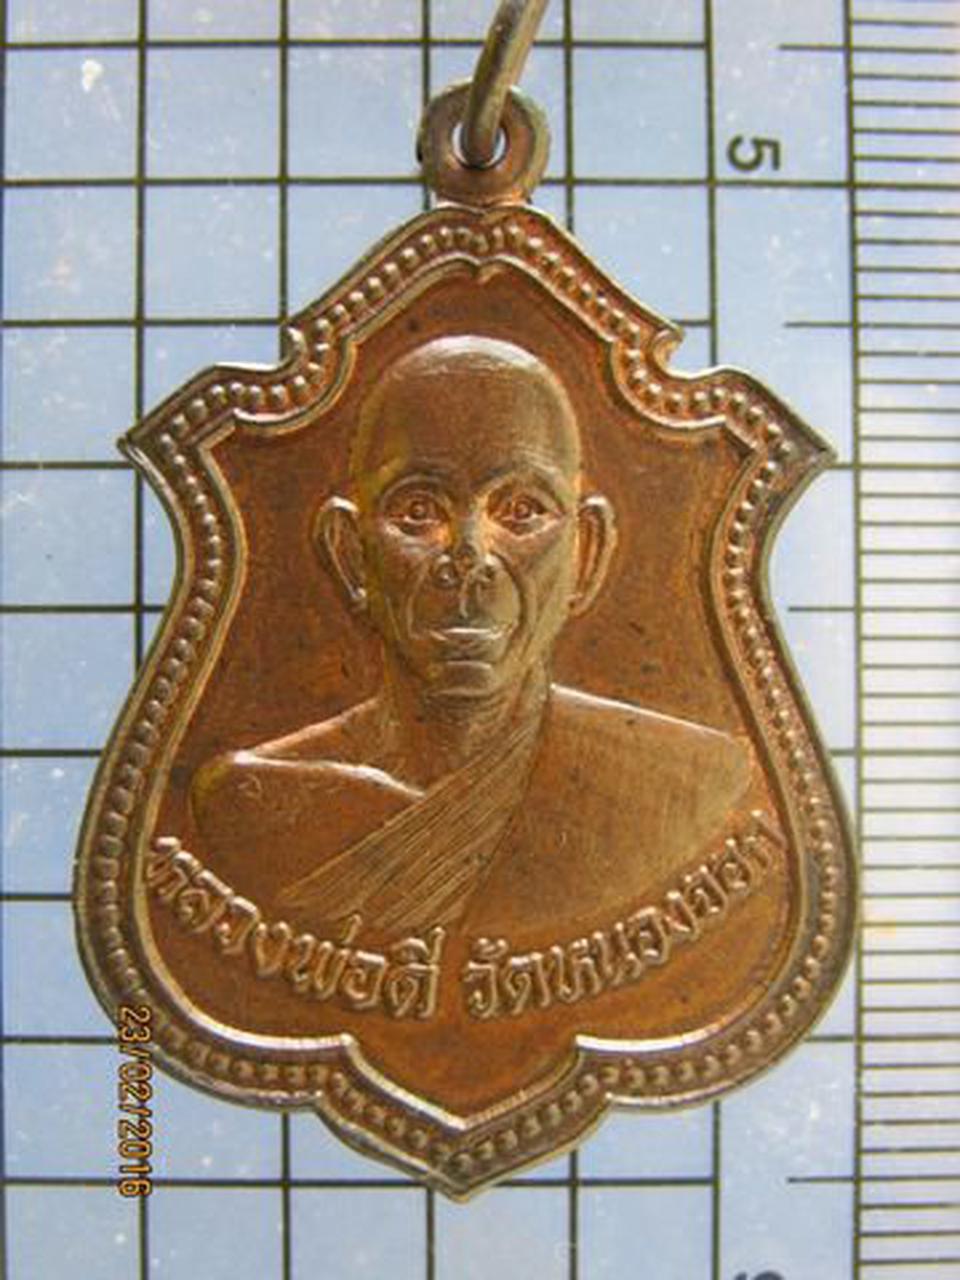 3165 เหรียญลพ.ดี วัดหนองจอก ปี39 รุ่นมงคลสามบูรพาจารย์ คง คู รูปที่ 2